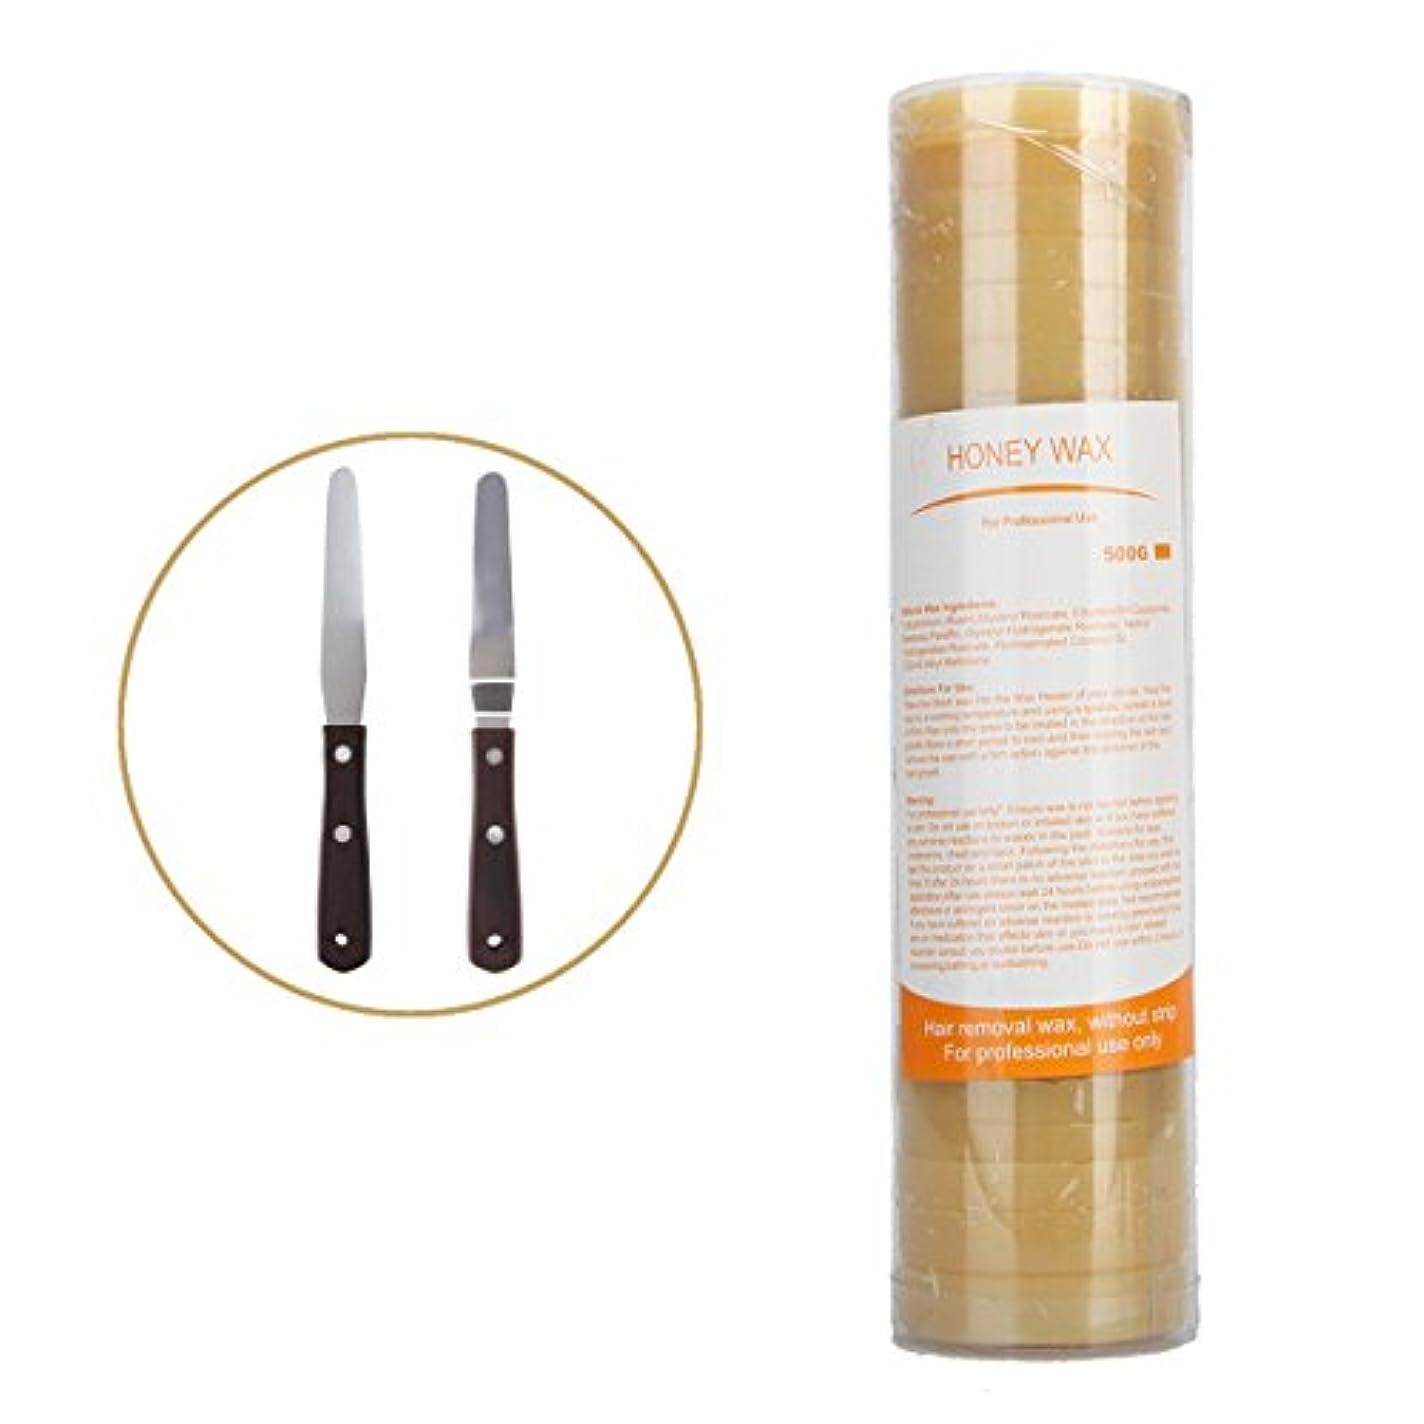 (アーニェメイ)Bonjanvy ハードワックス 脱毛 ビーズ 500g 1缶 ブラジリアンワックス 鼻毛 スティック 2本 セット-ハチミツ